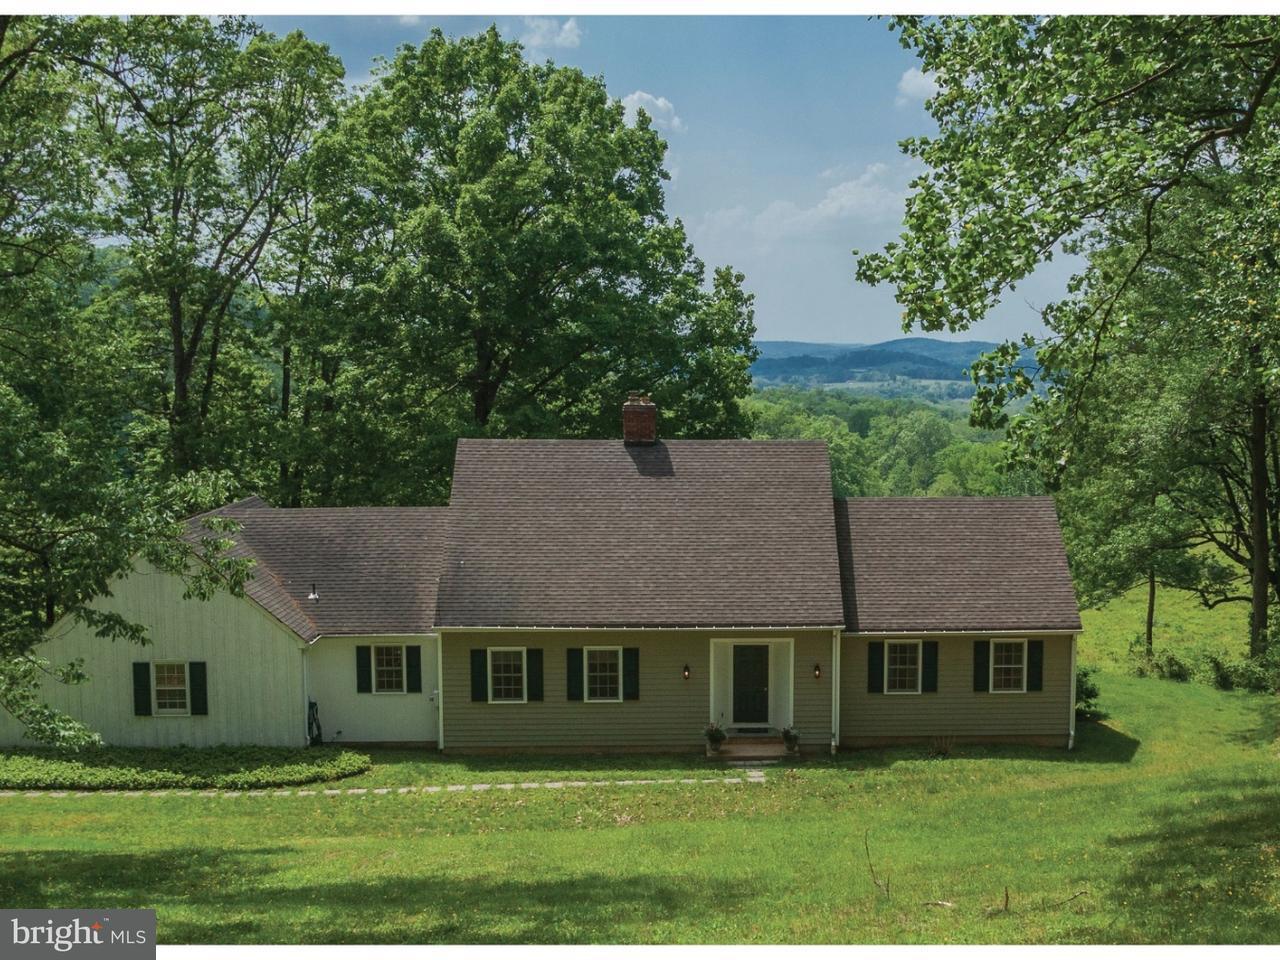 Частный односемейный дом для того Продажа на 163 PLEASANT VALLEY Road Titusville, Нью-Джерси 08560 Соединенные ШтатыВ/Около: Hopewell Township